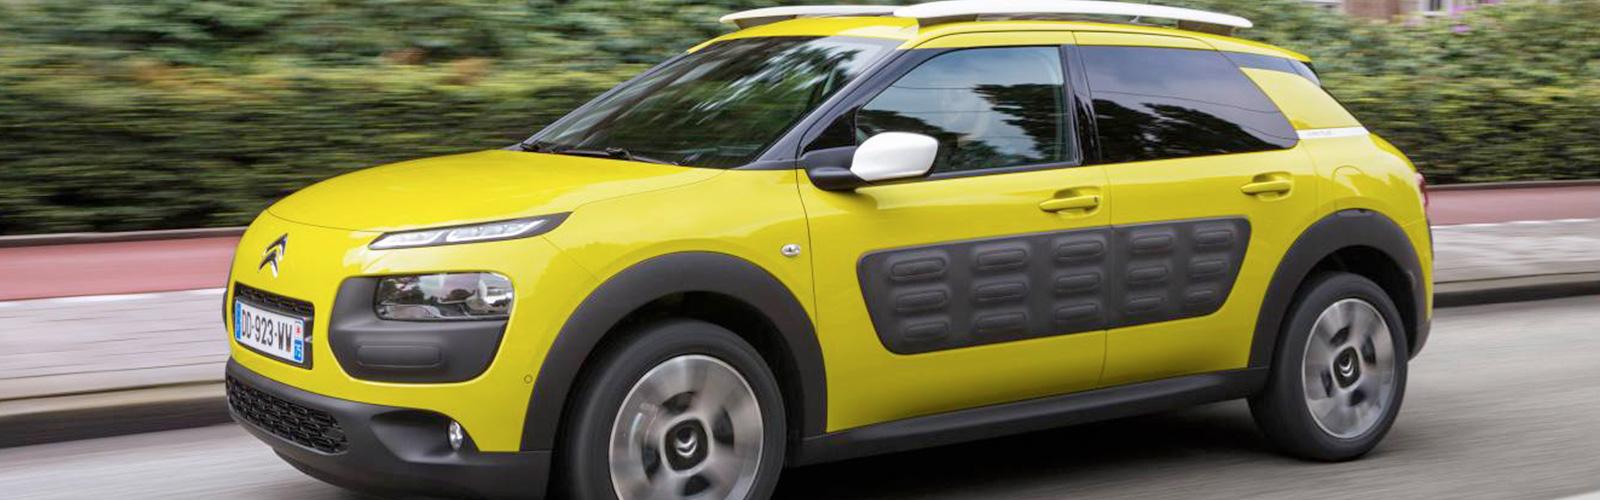 la coducción del Citroën C4 Cactus es divertida y te hará el viaje ameno